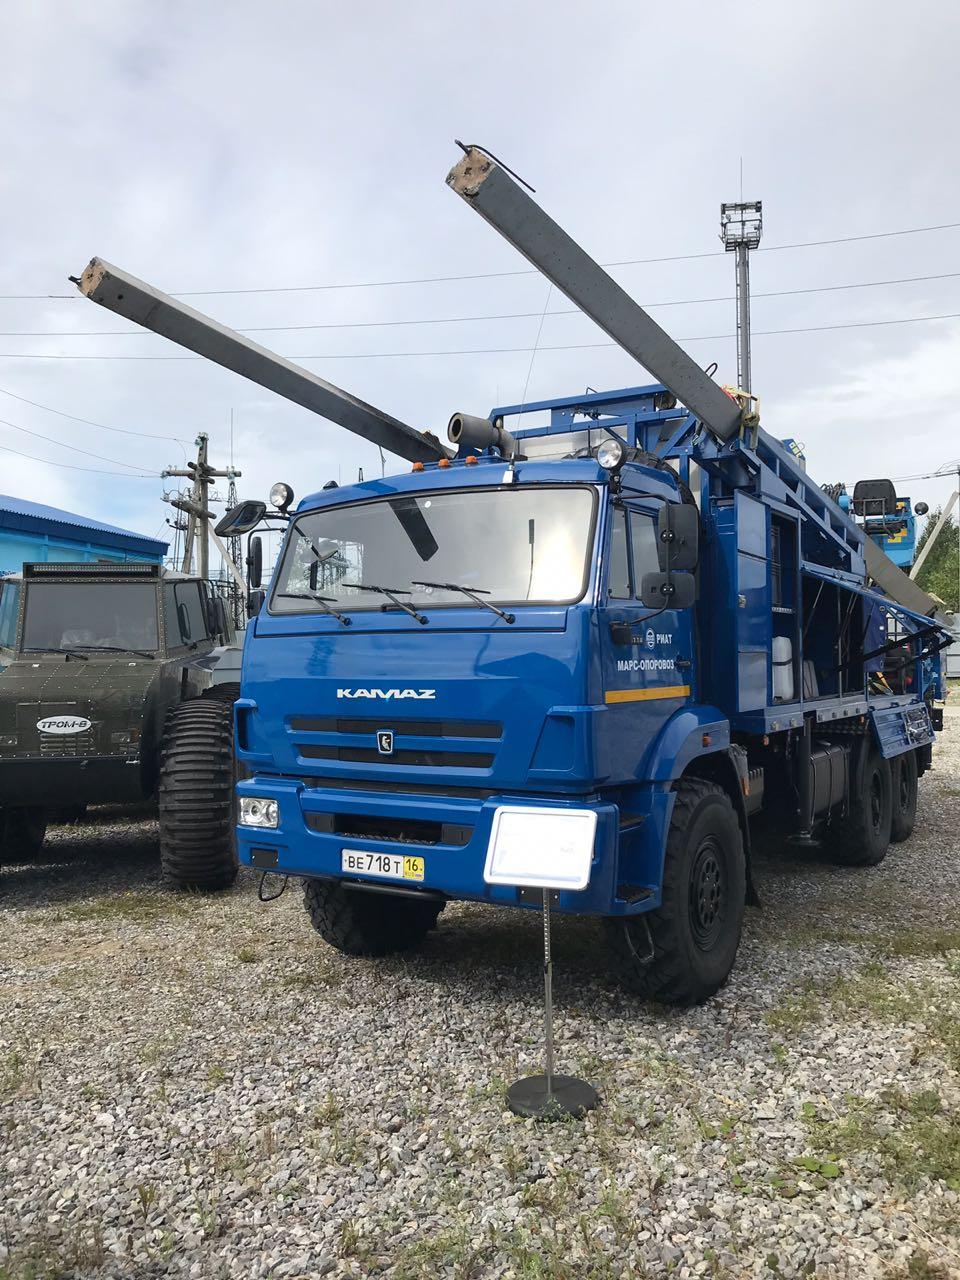 МАРС на выставке мастерства по ремонту и обслуживанию воздушных линий.